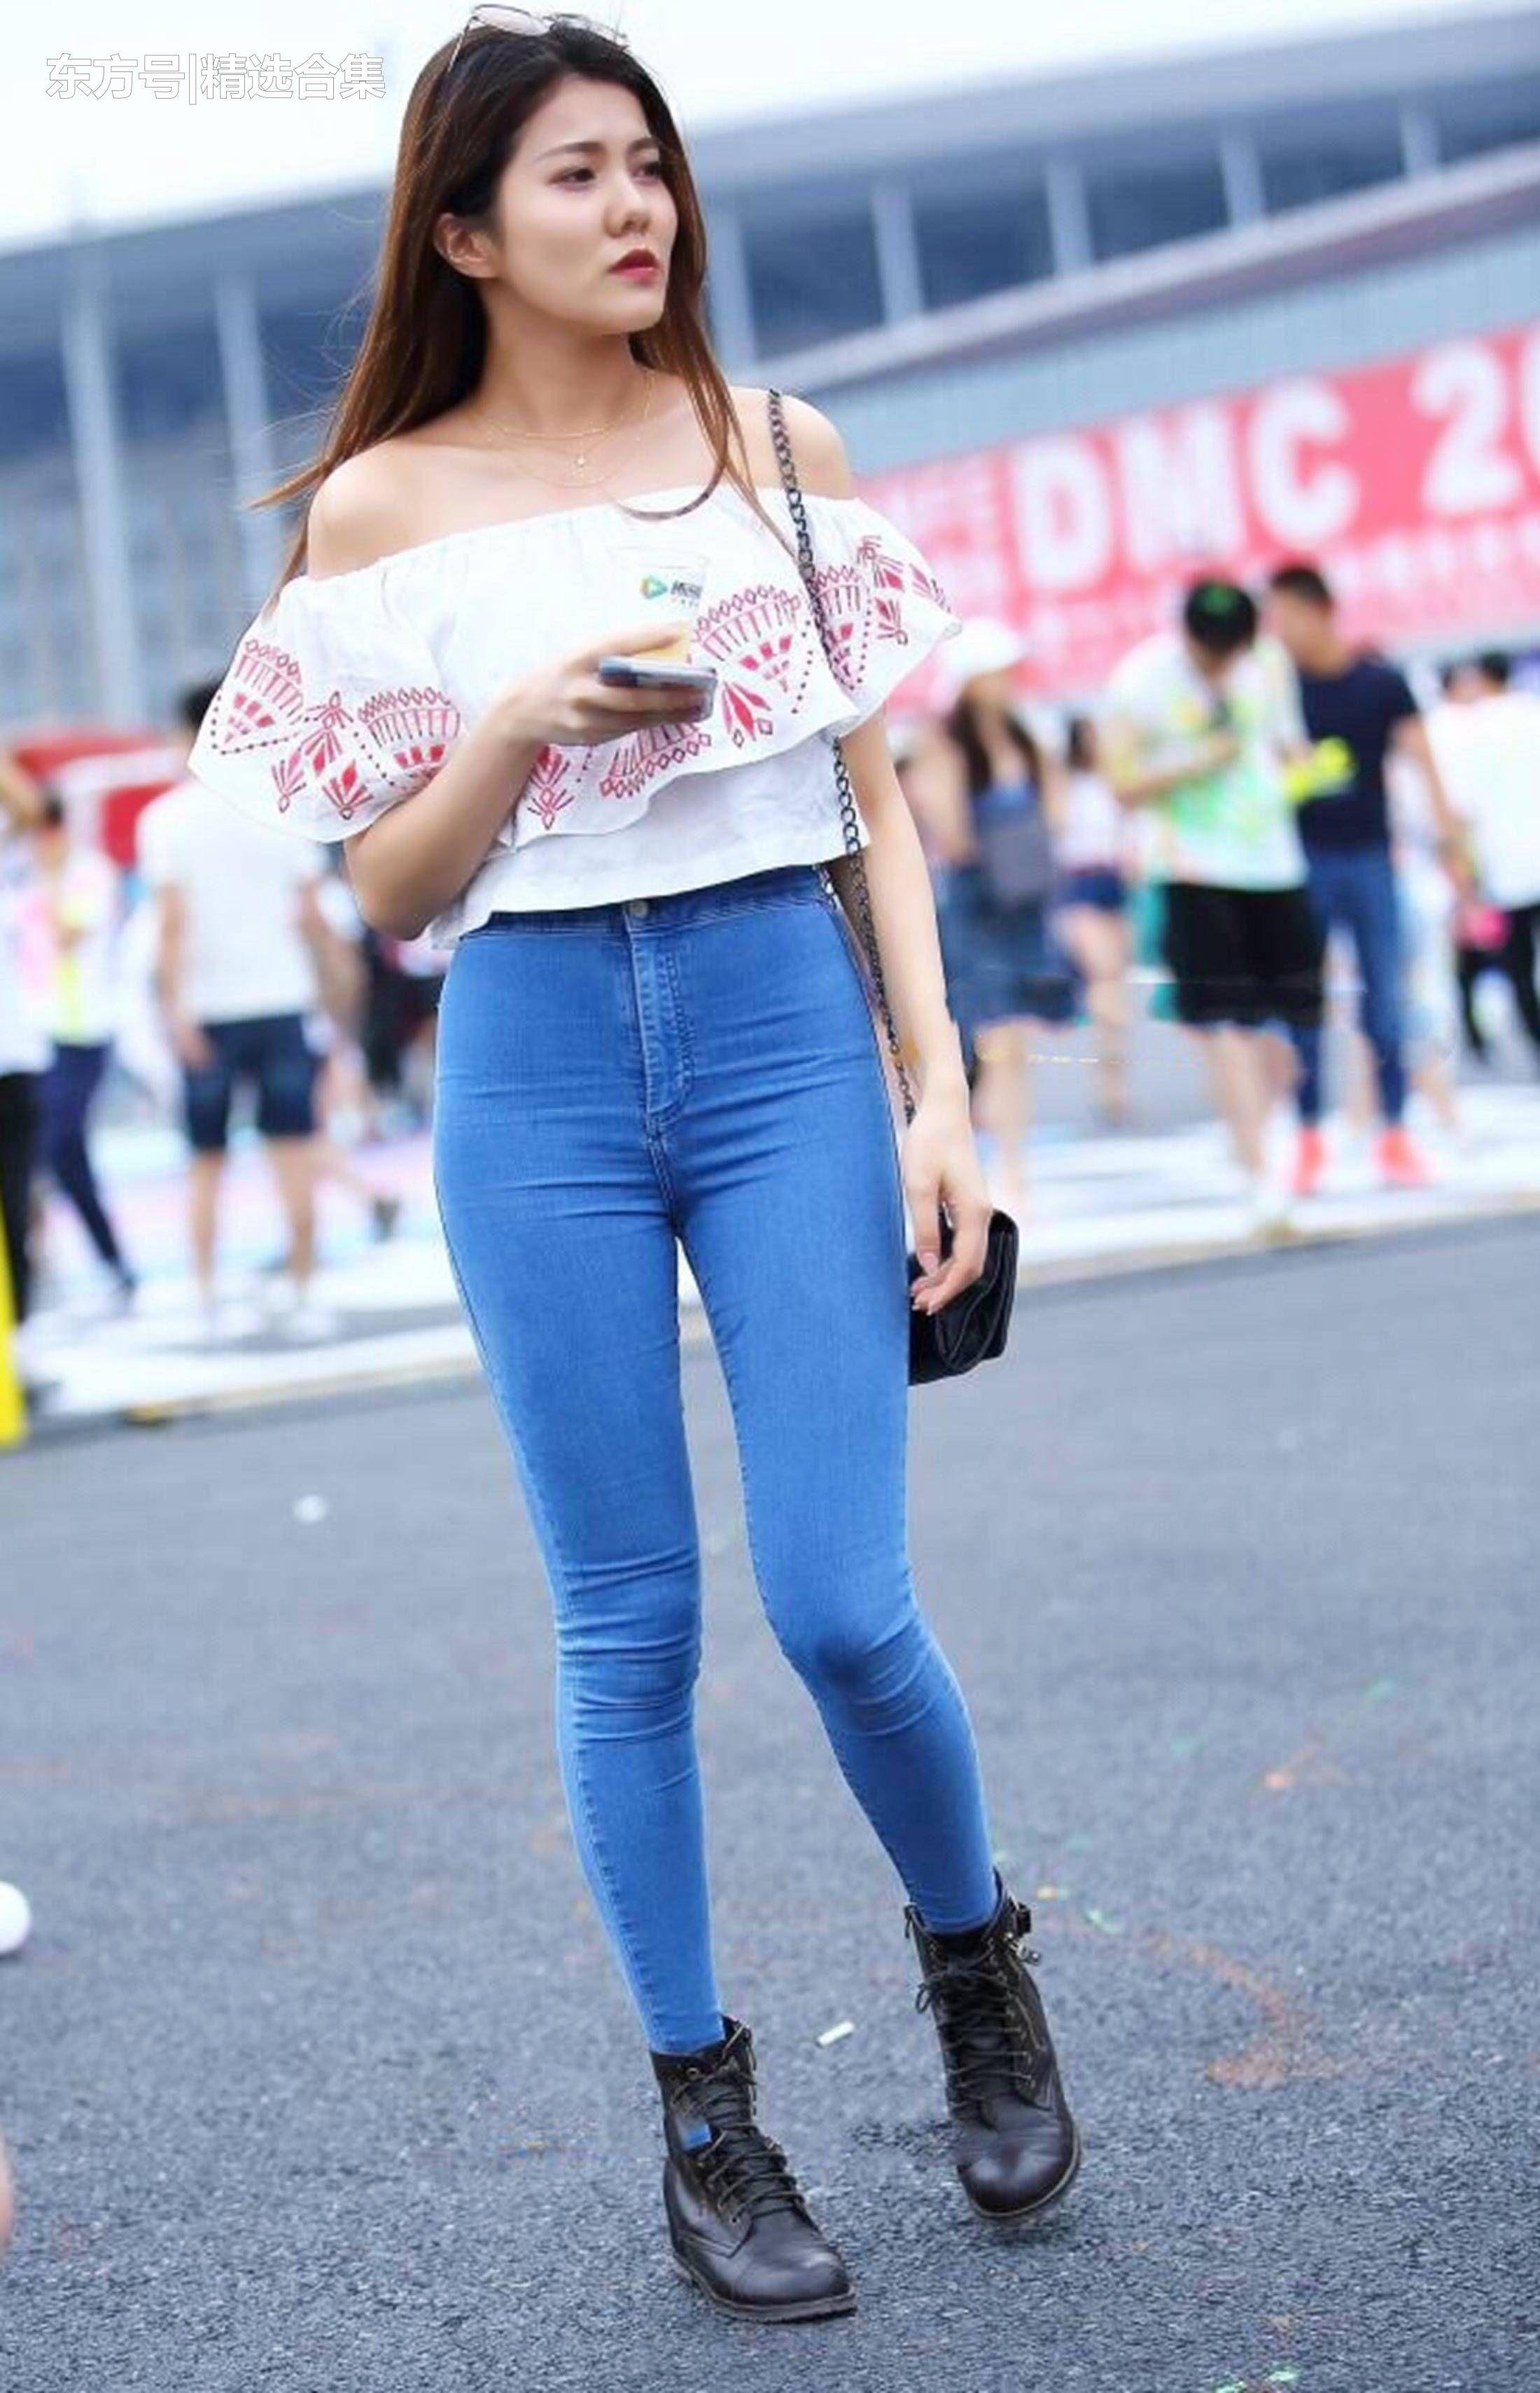 街拍:藍色緊身牛仔褲搭配雪紡漏肩上衣,小姐姐